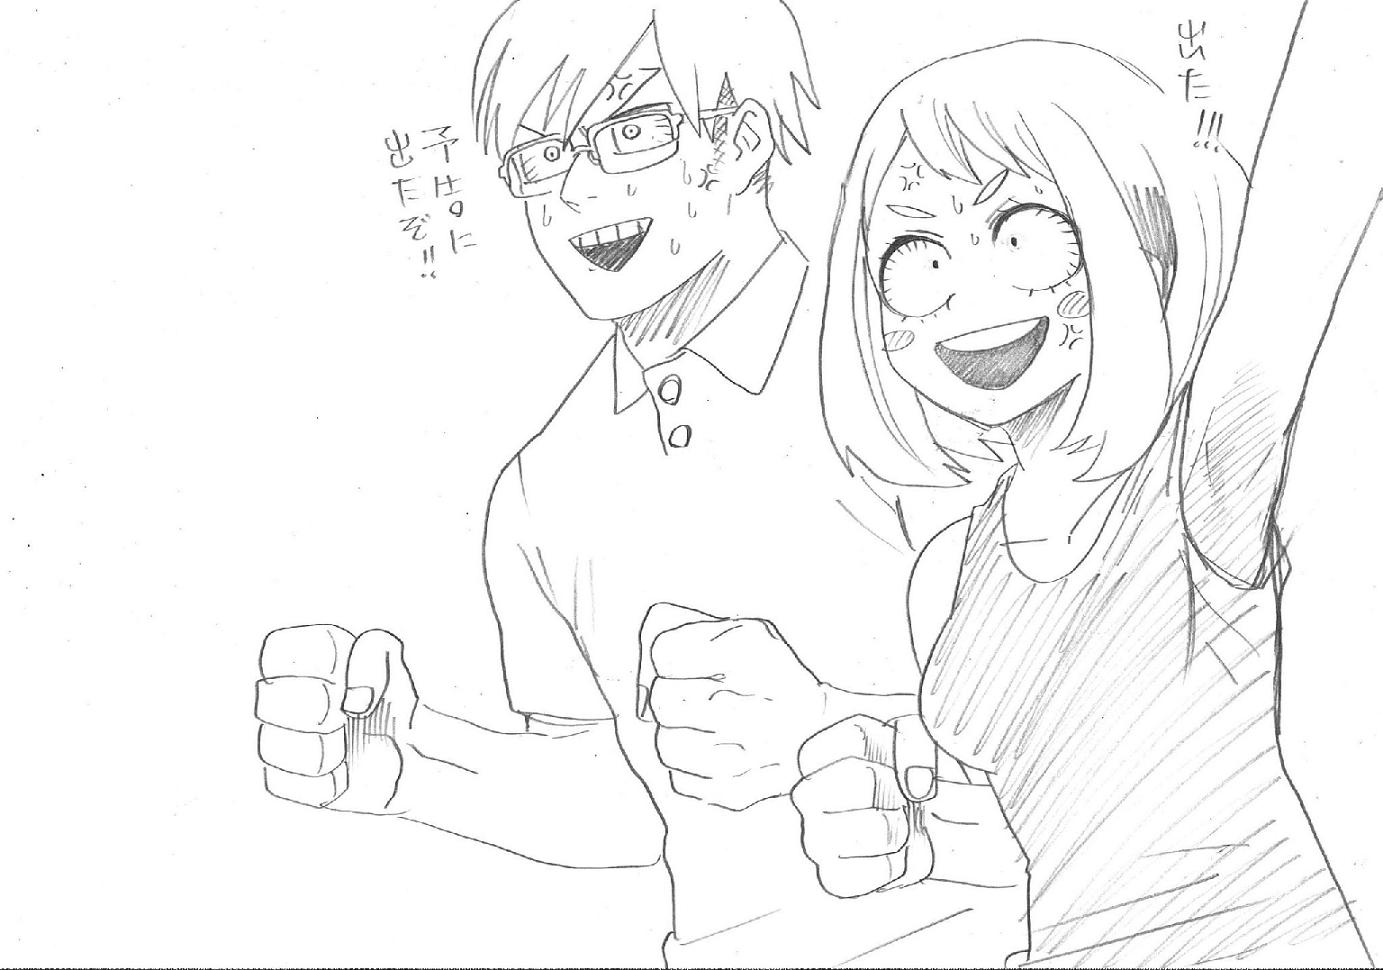 Episode 2 Sketch 2